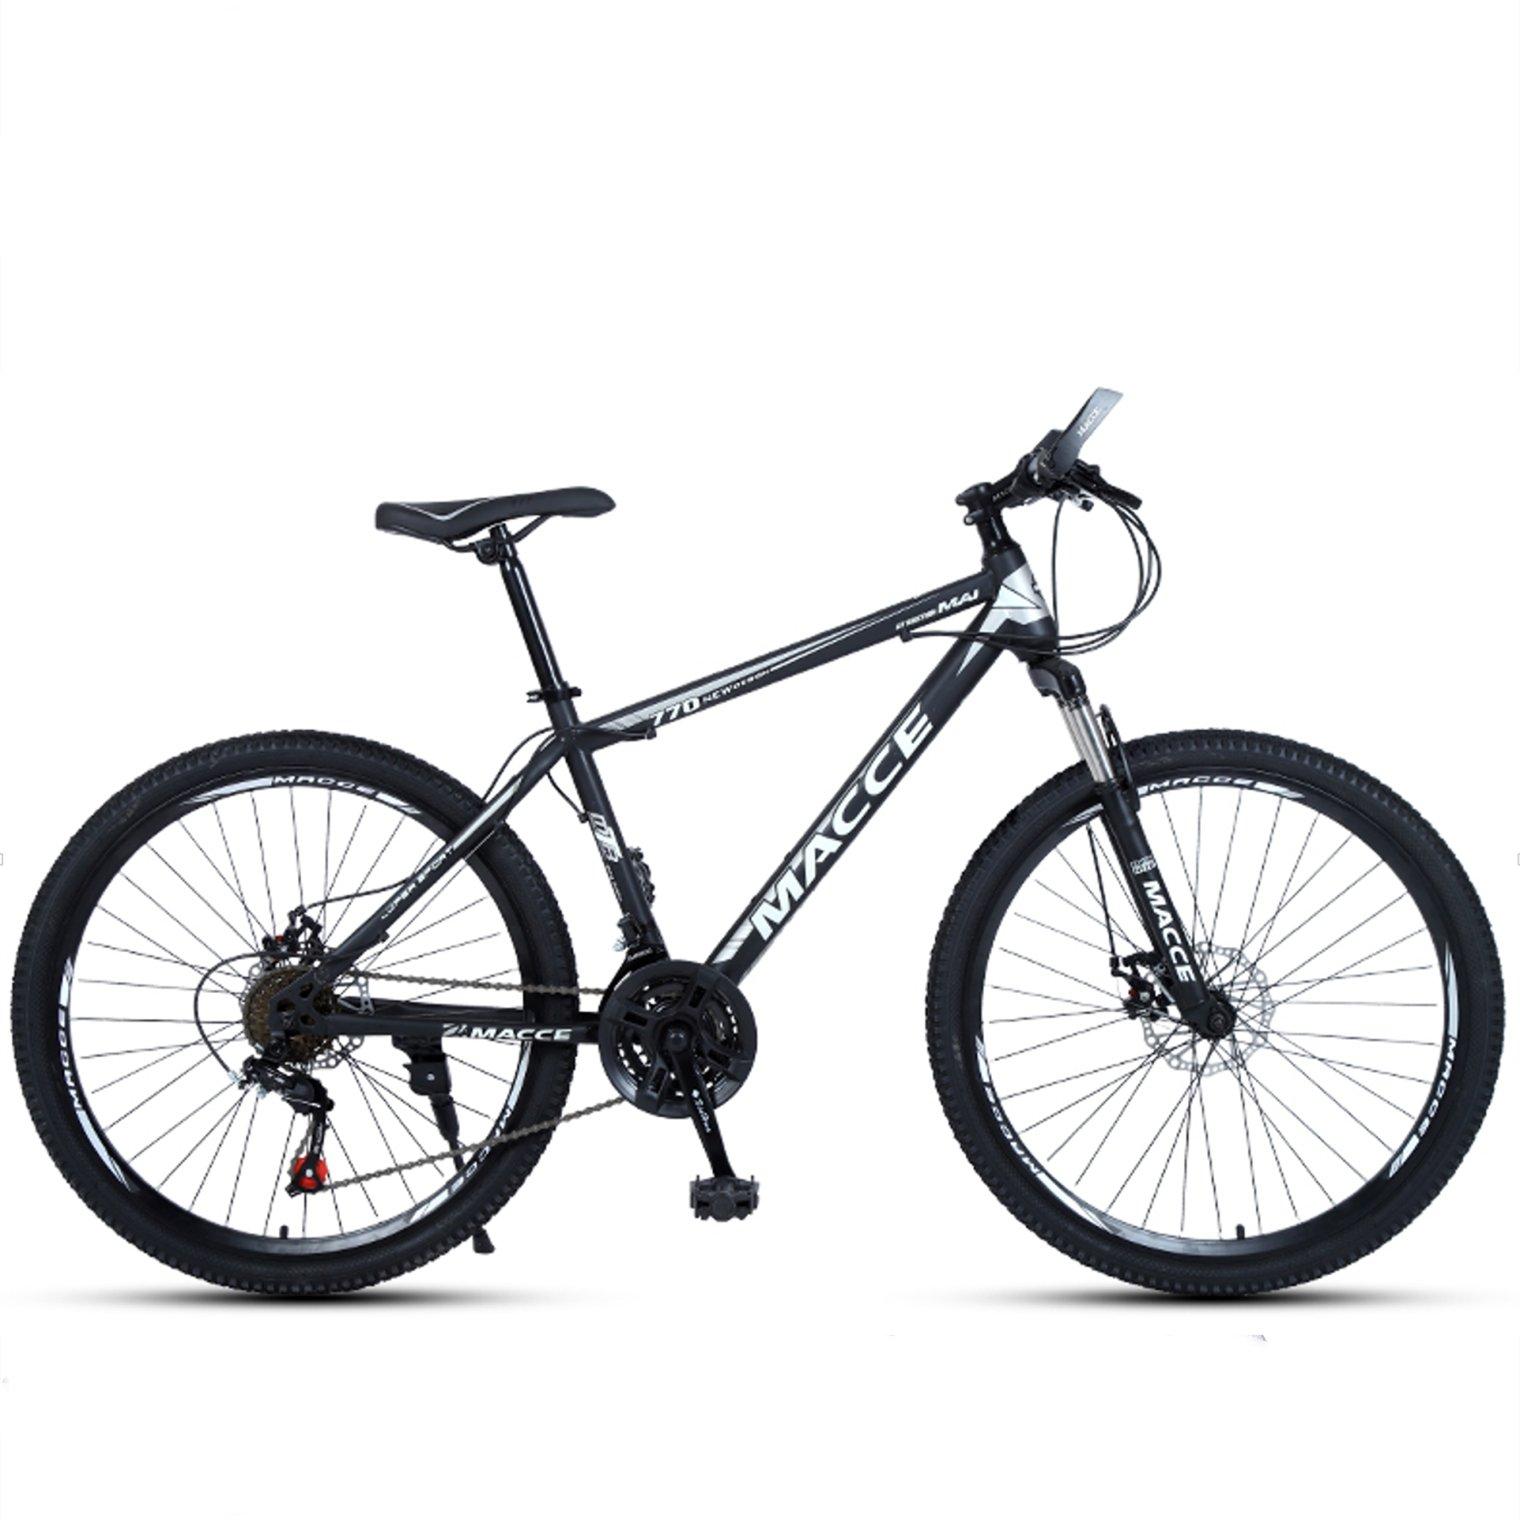 24-inch, 26-inch new warhawk black white spoke wheels mountain bike 21-speed, 24-speed, 27-speed